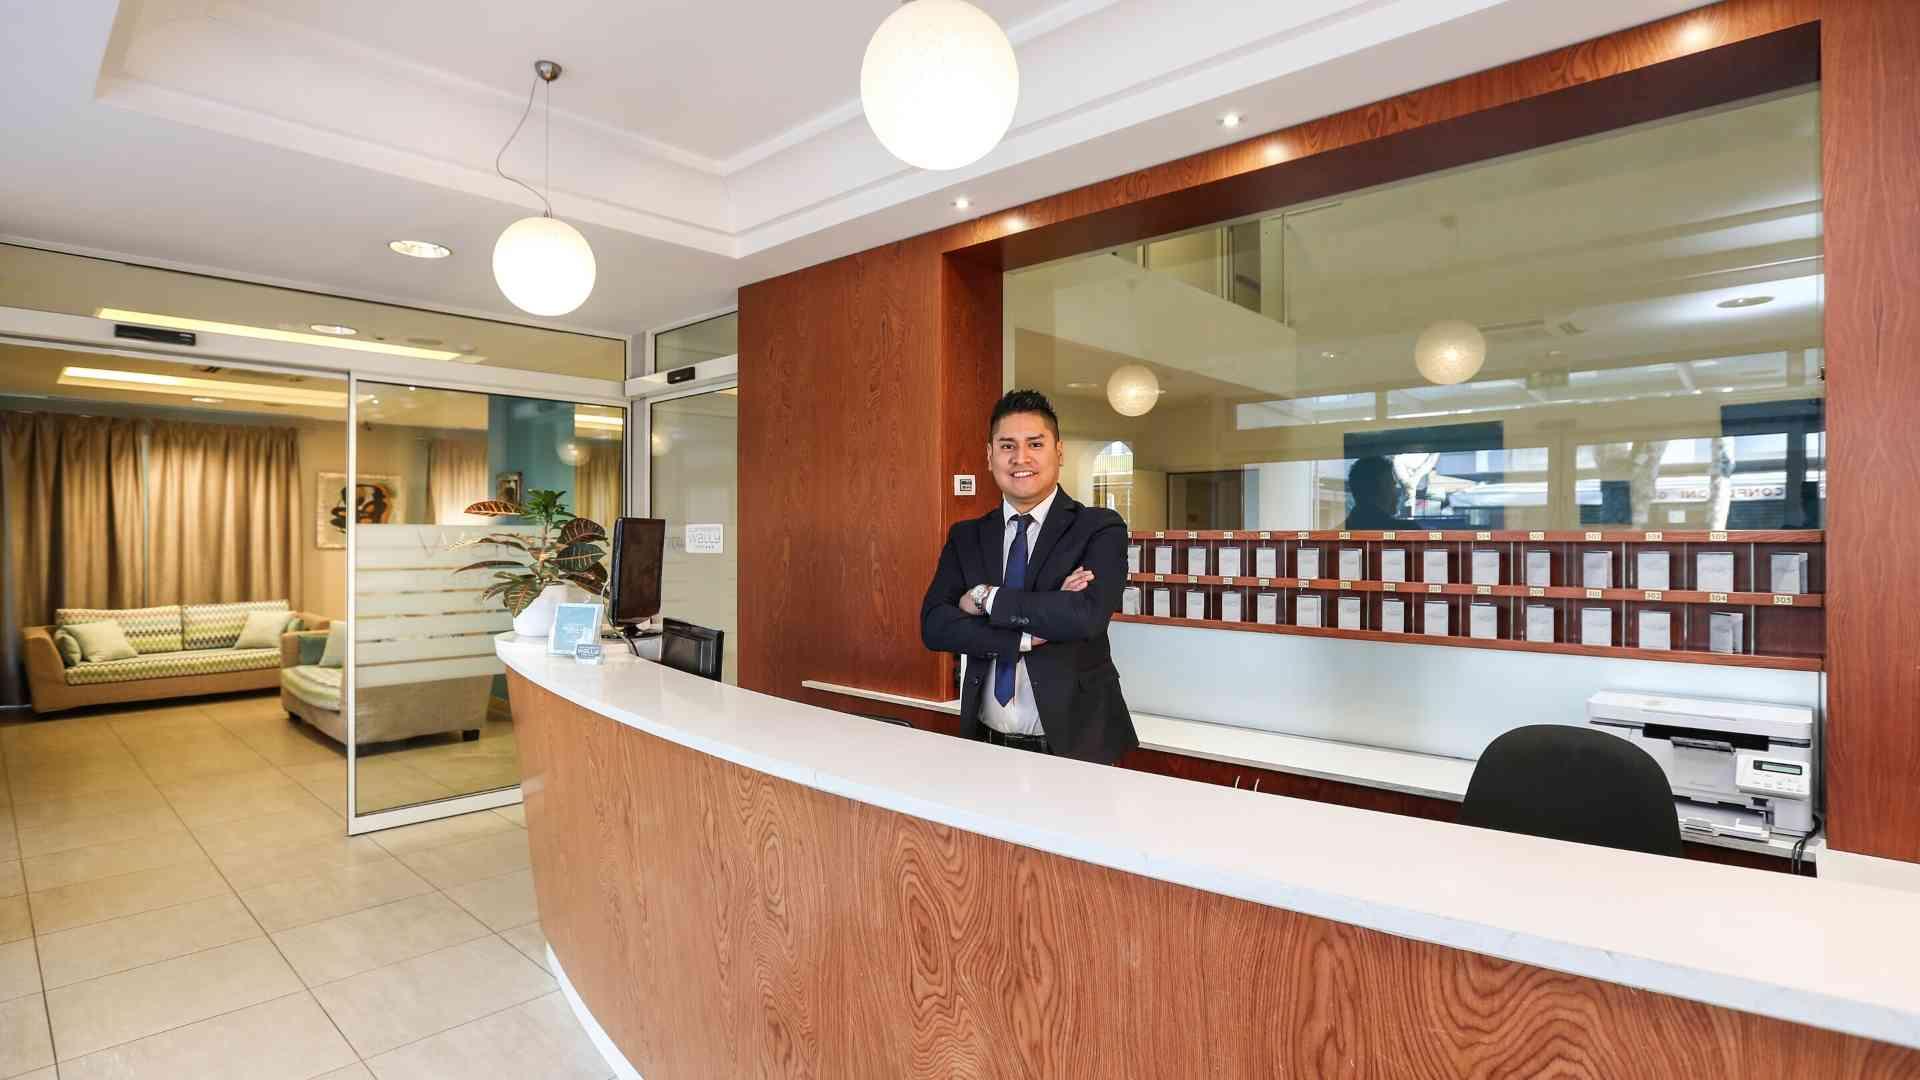 Reception_Wally Hotel